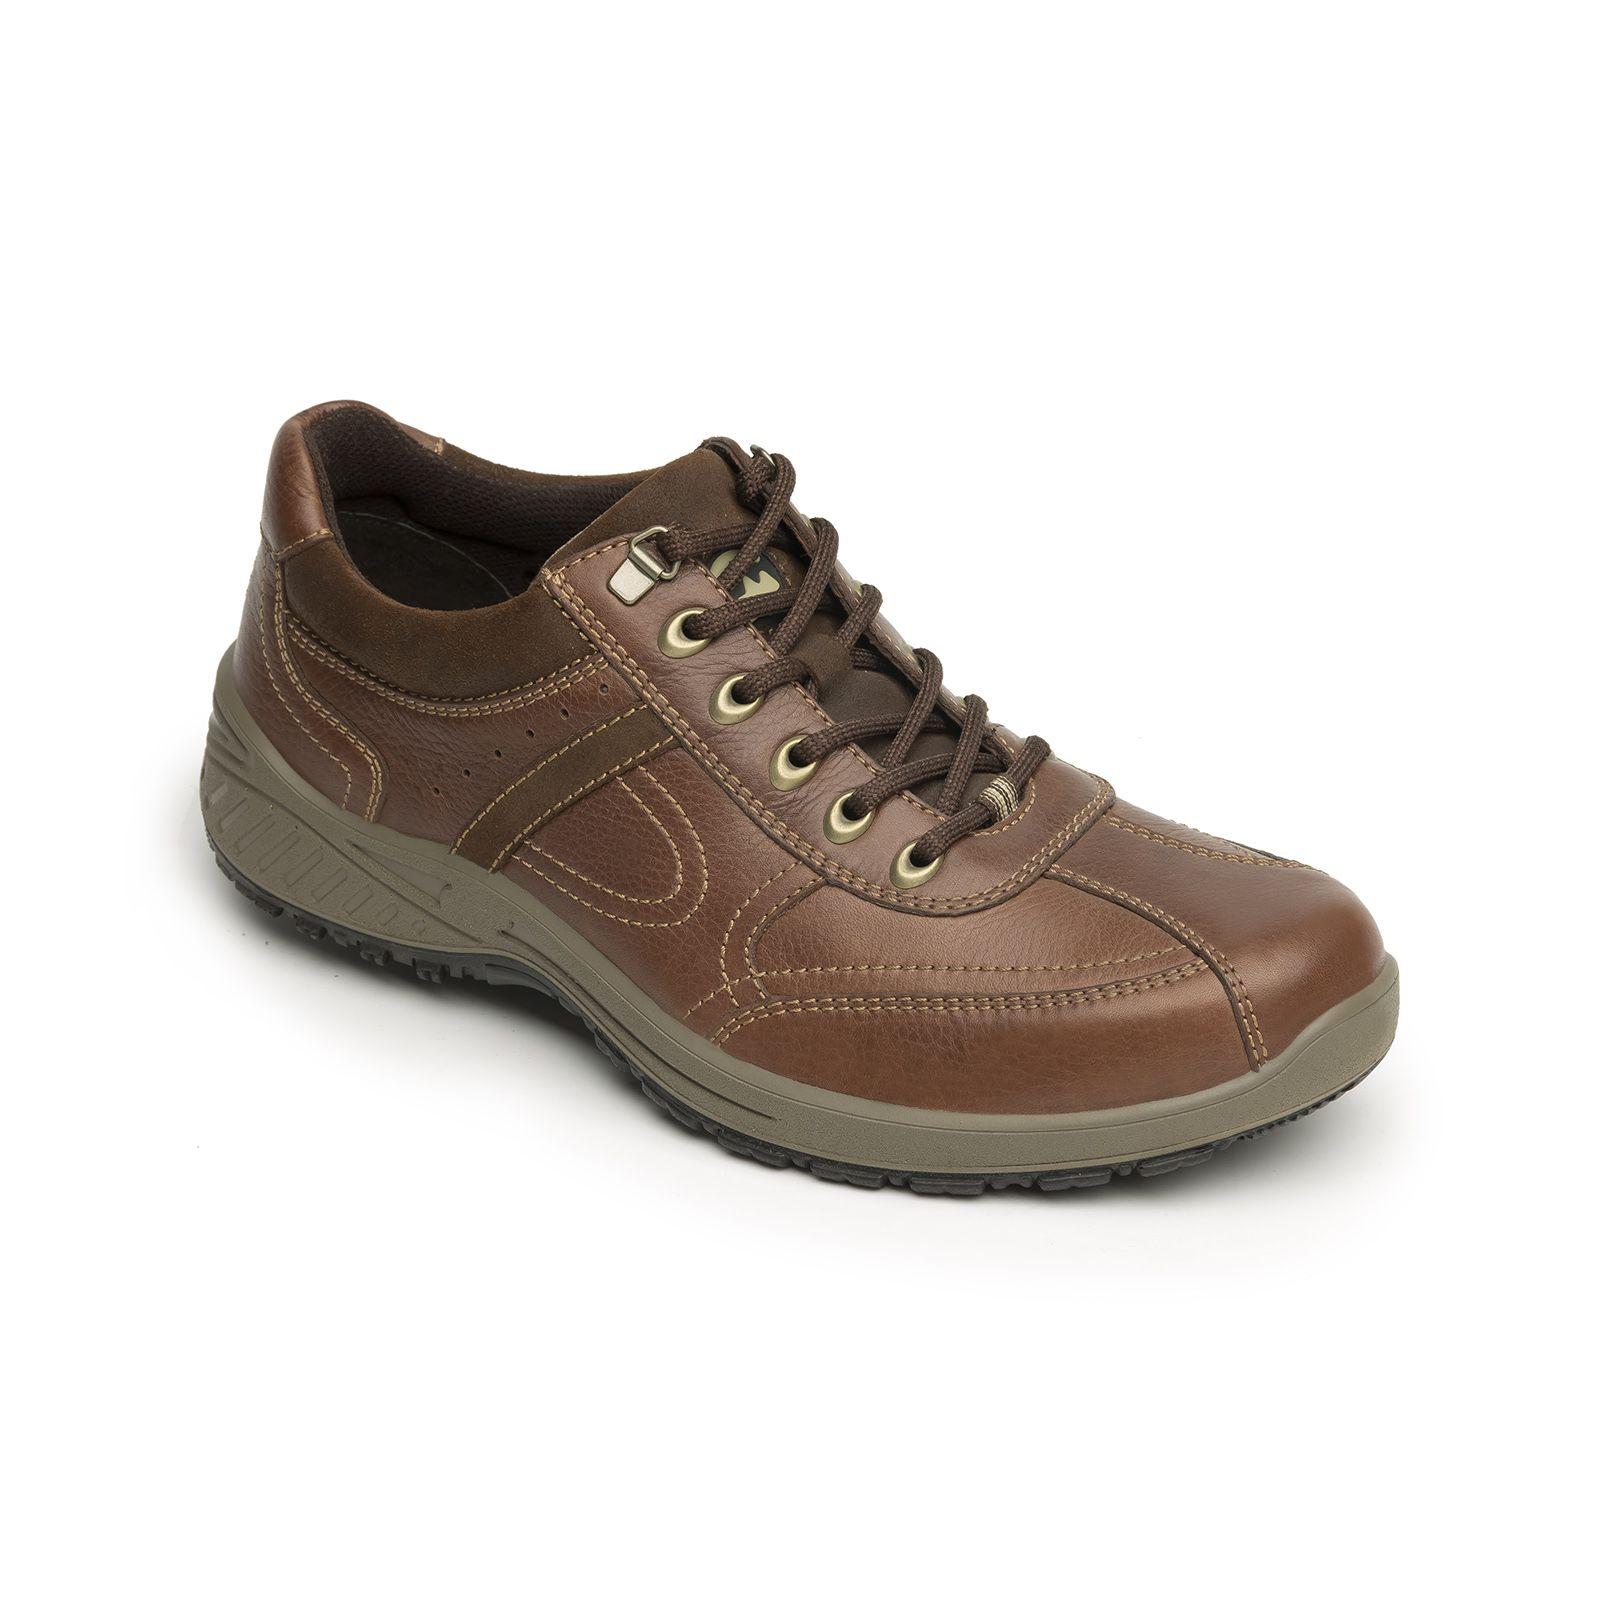 Línea Flexi Country compuesta por dos estilos, zapato y bota. Confeccionada  en pieles con